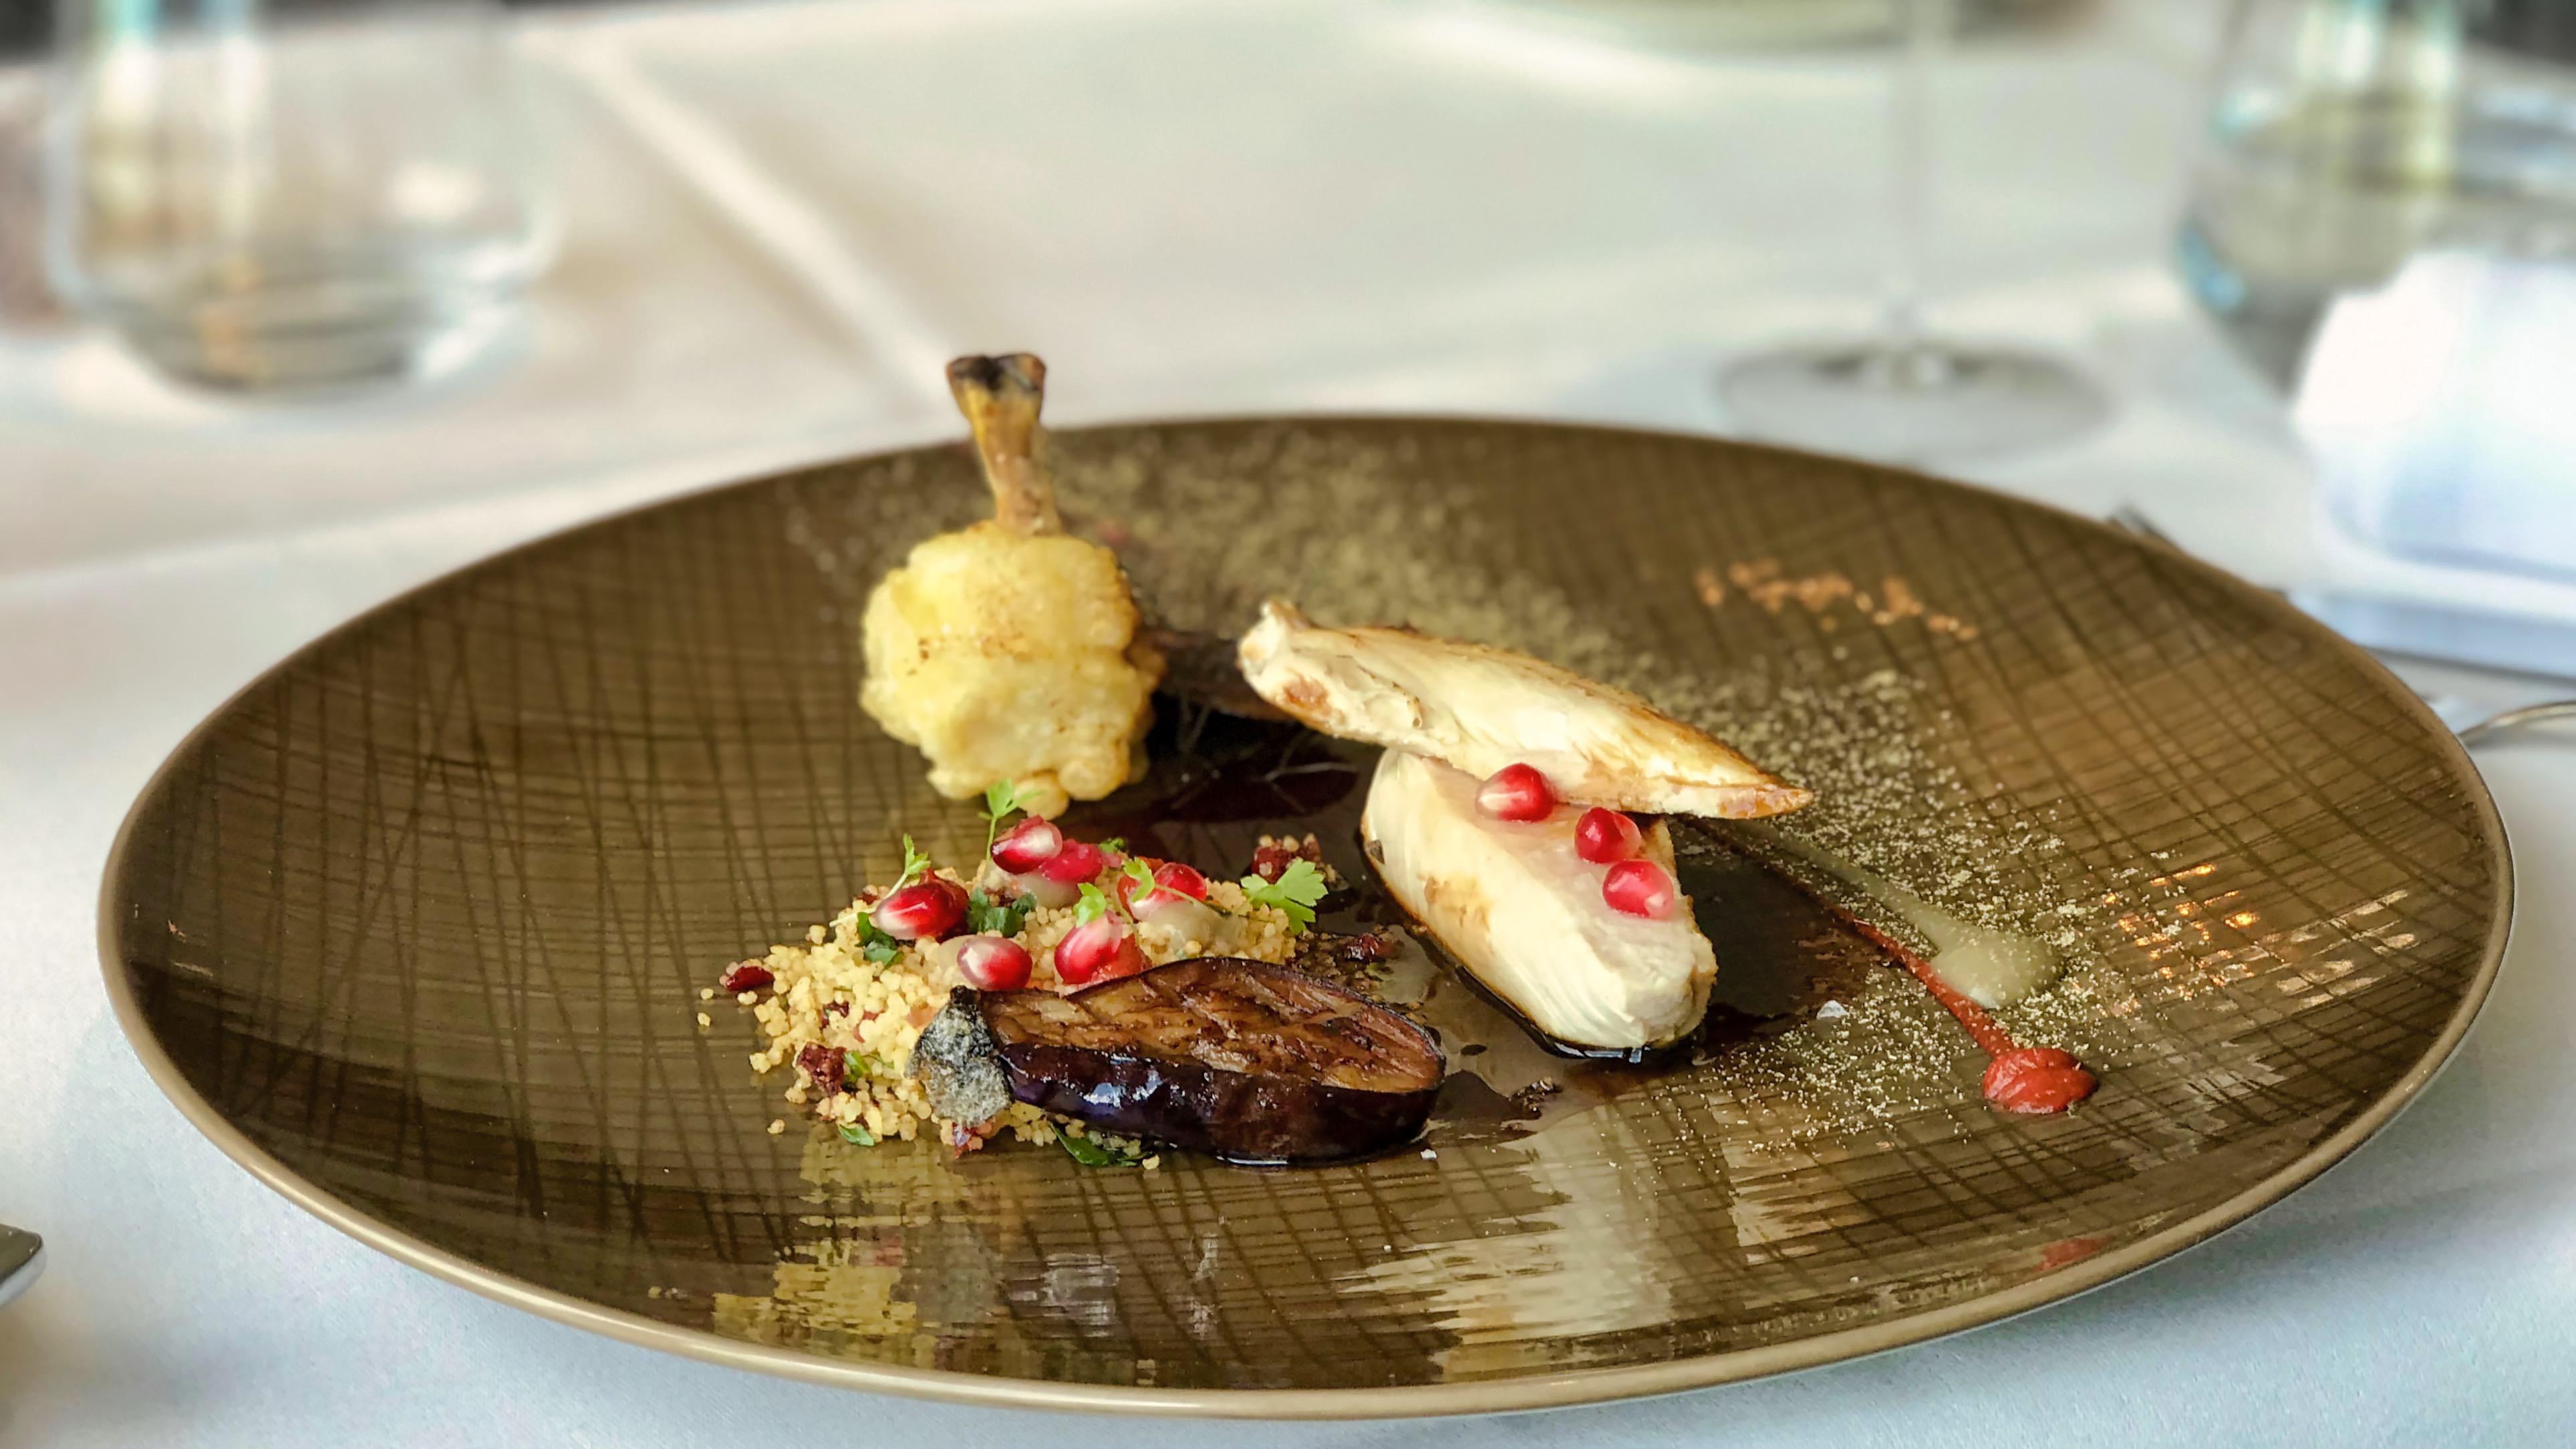 Genuss und perfekte Inszenierung: Maispoulardenbrust mit Couscuss, orientalischer Würze und Aubergine im Restaurant Se7en Oceans.